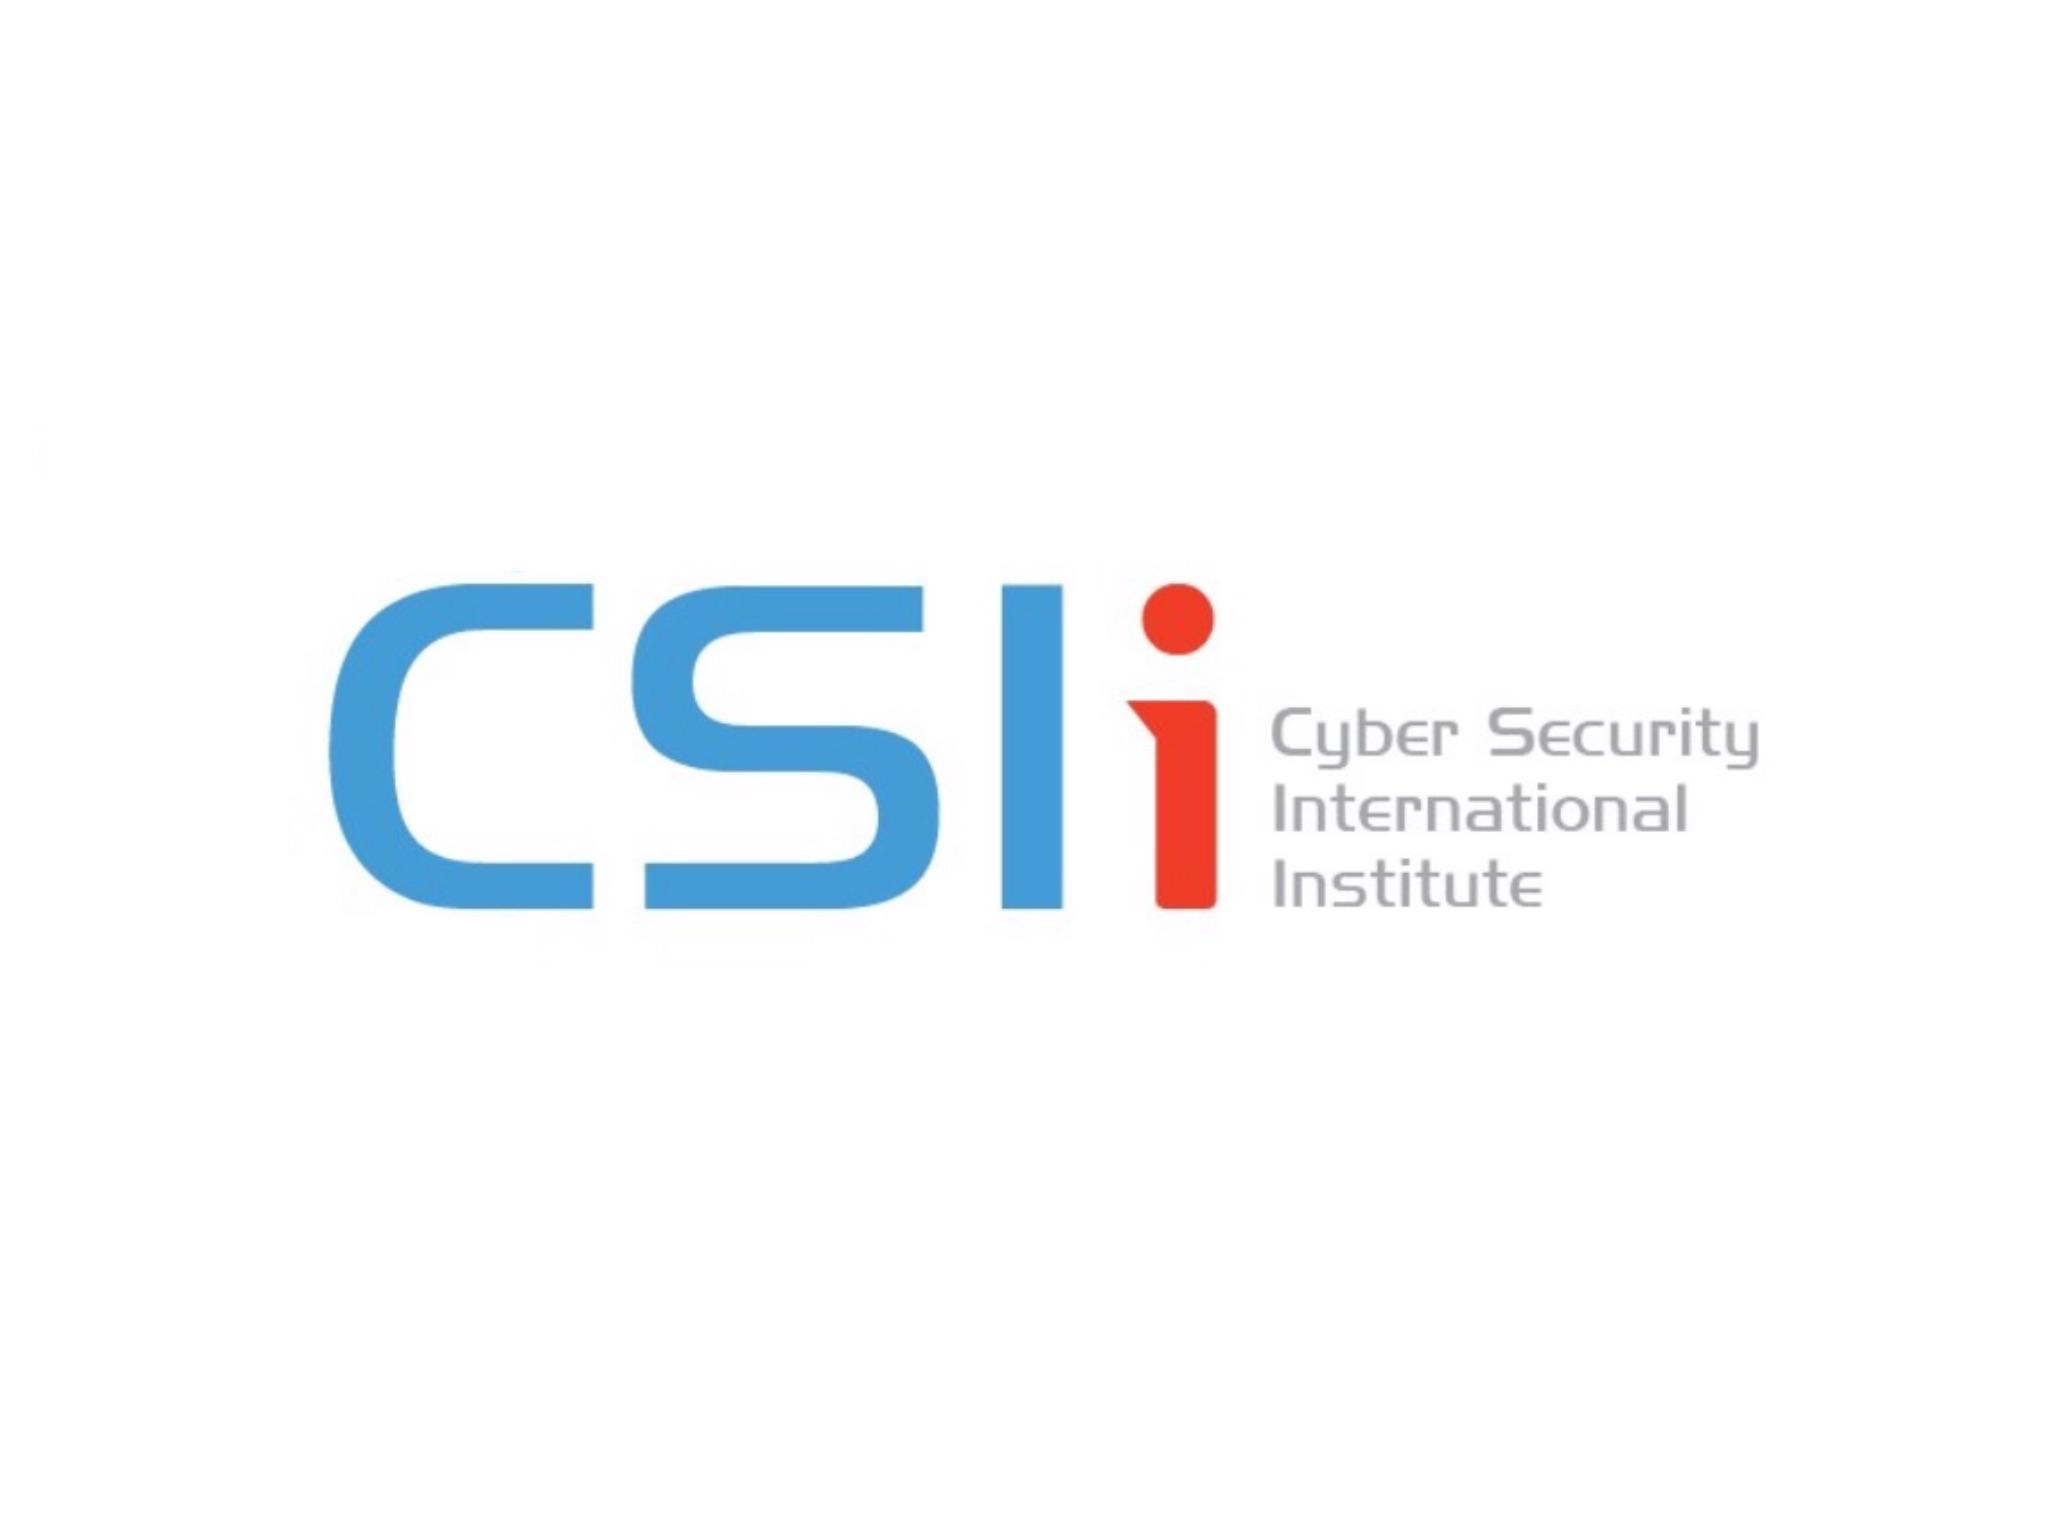 Το Διεθνές Ινστιτούτο για την Κυβερνοασφάλεια προειδοποιεί για τη διακίνηση υλικού παιδικής πορνογραφίας μέσω Ιnstagram